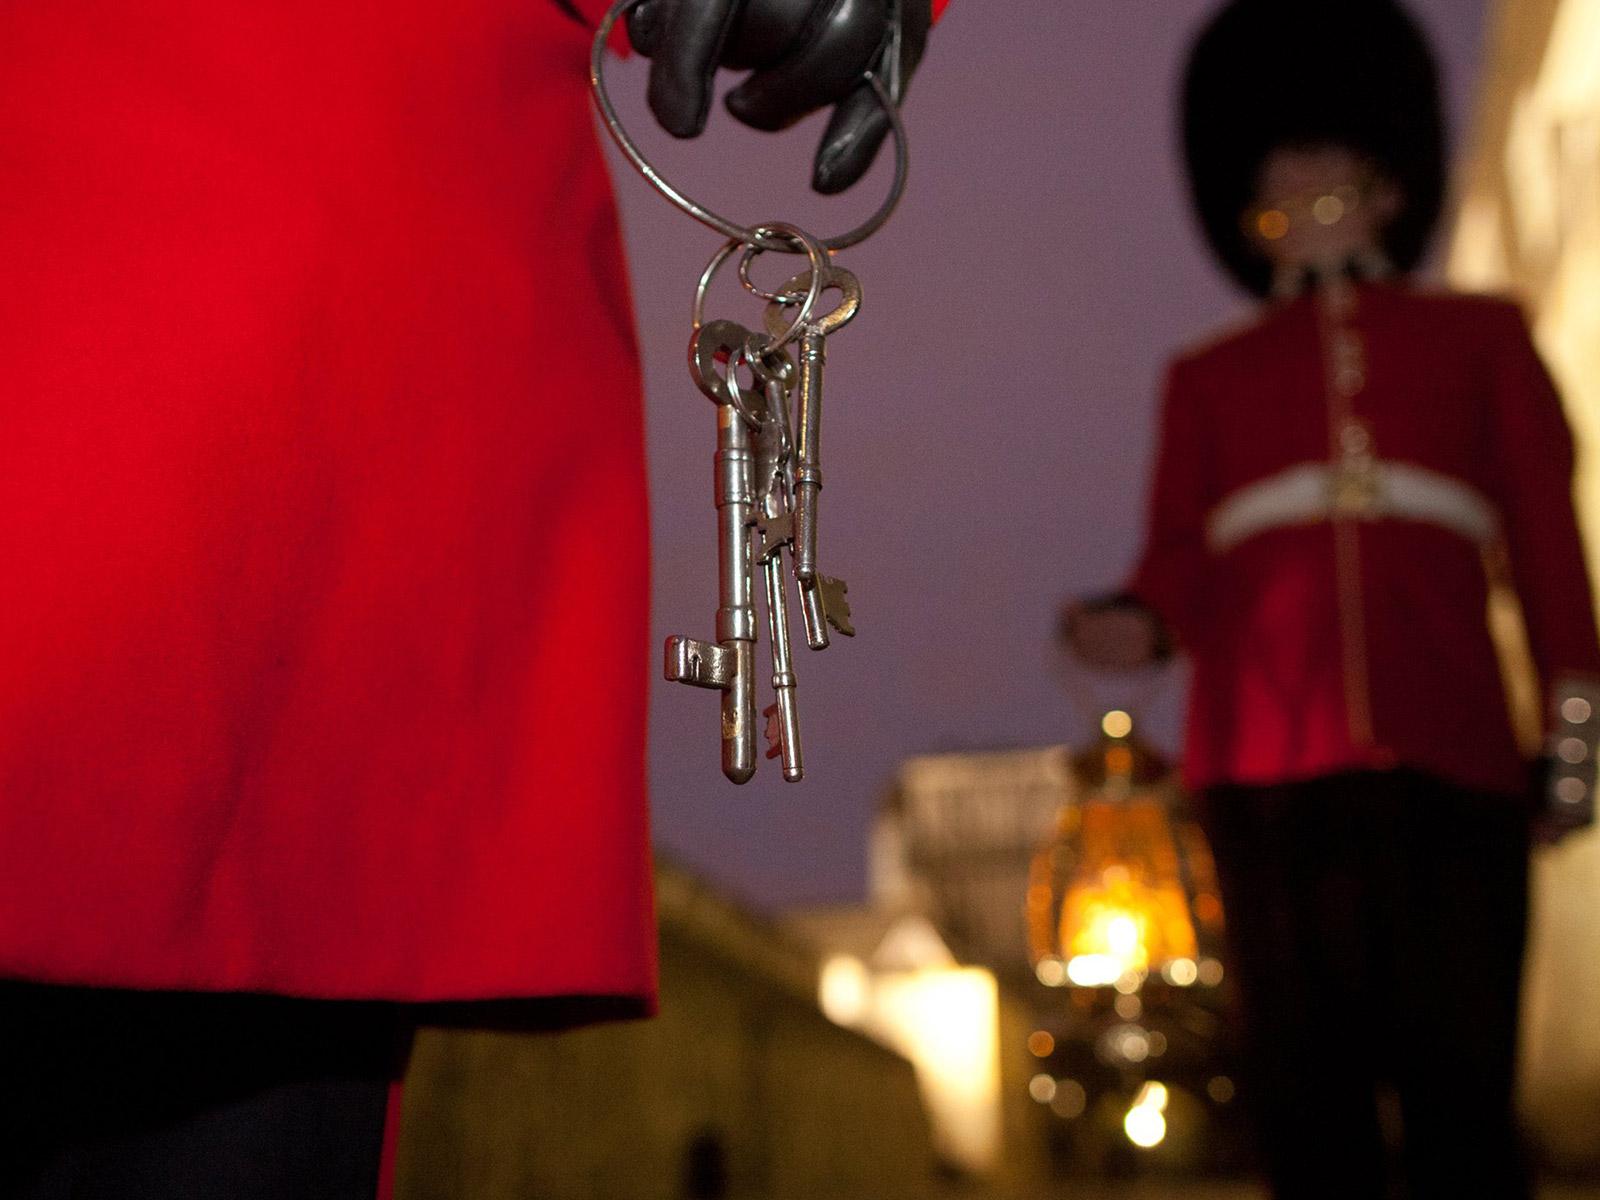 倫敦塔The Tower of London的必看重點有哪些?倫敦塔鑰匙交接儀式